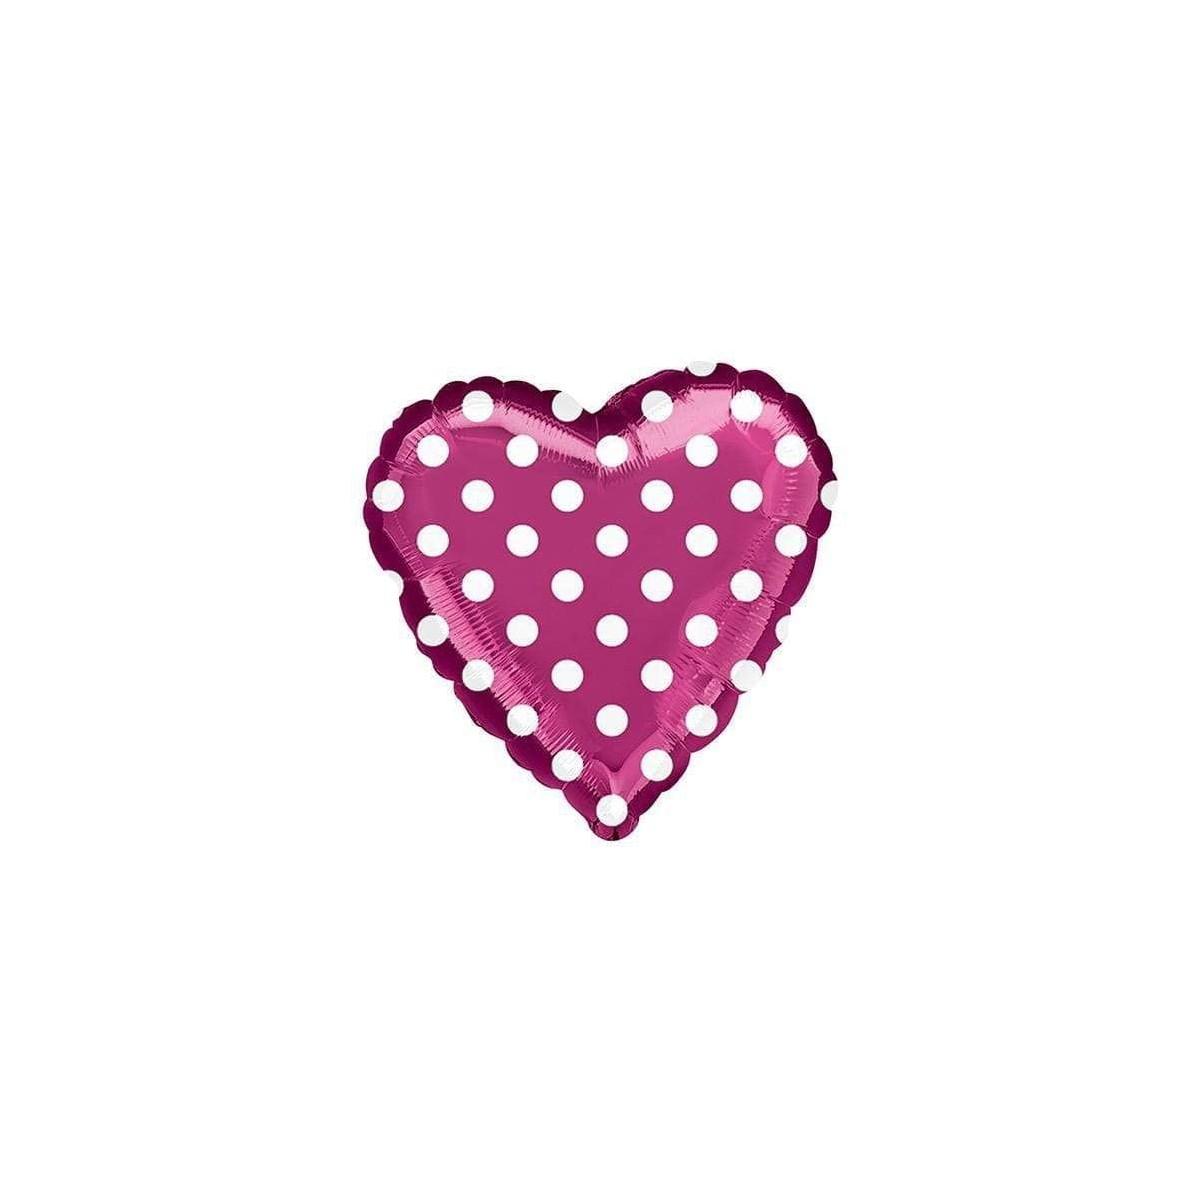 Palloncino a forma di cuore fucsia con pois bianchi, per feste